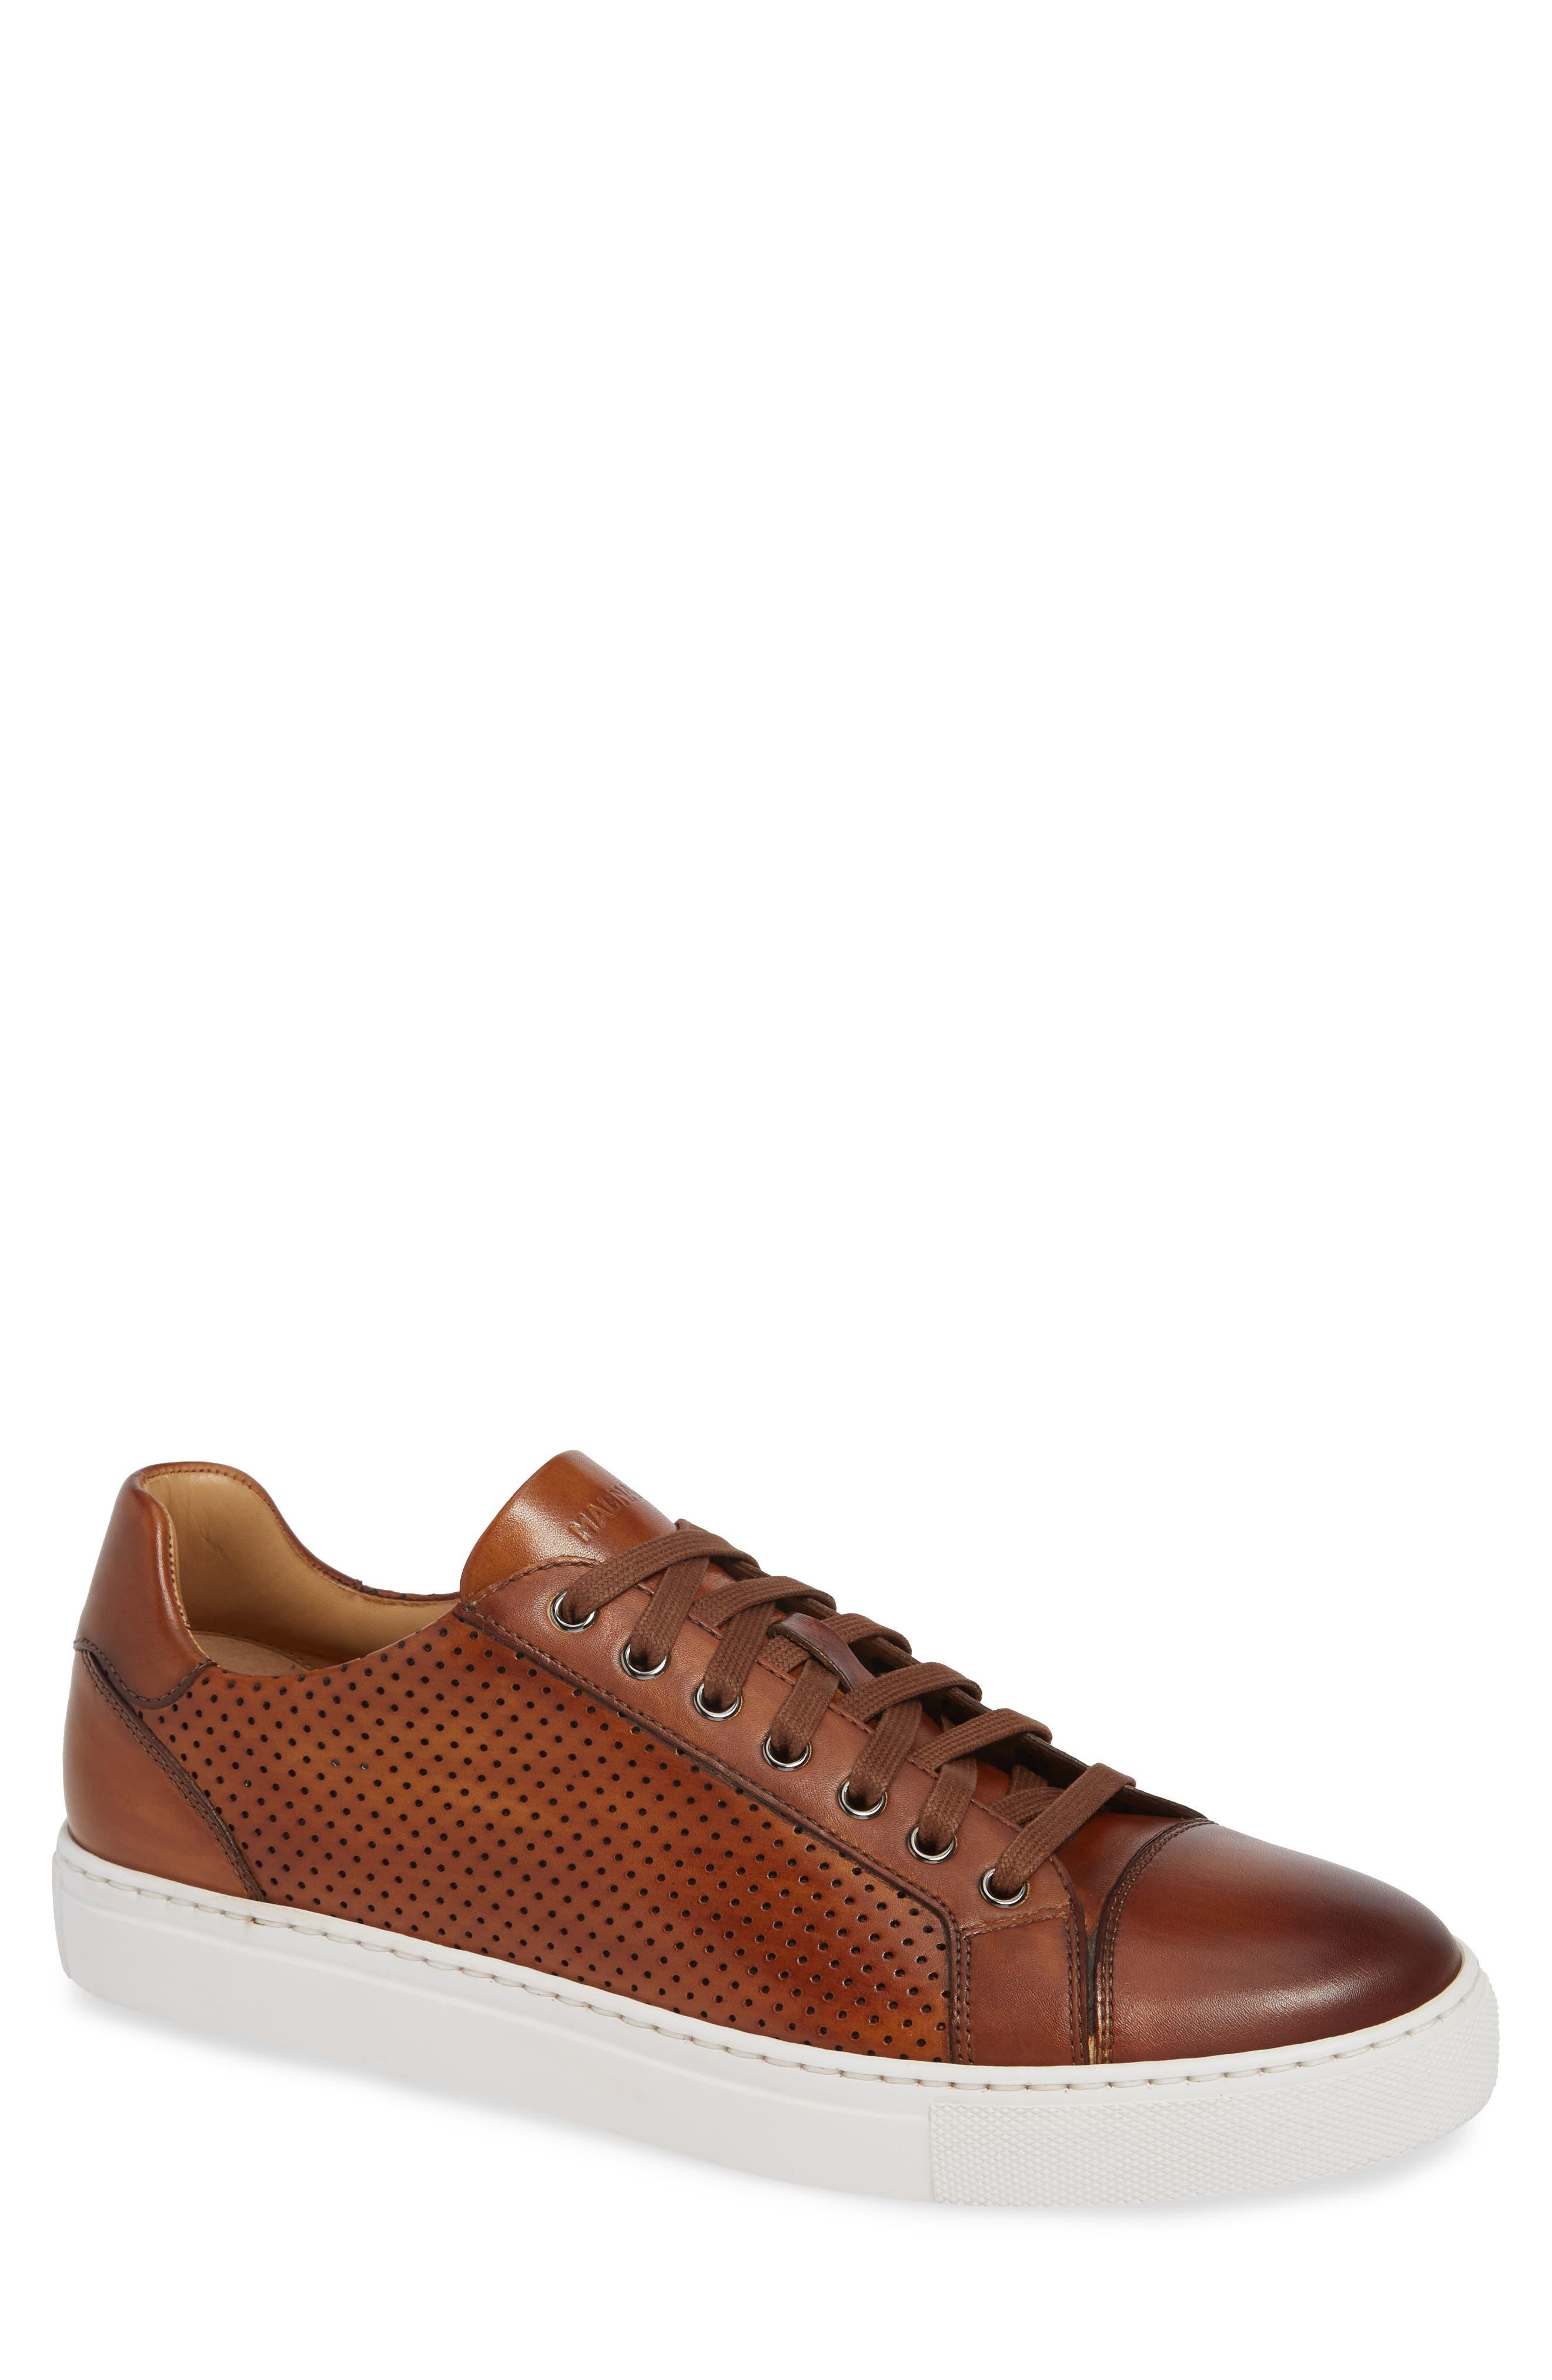 Jackson Sneaker,                             Main thumbnail 1, color,                             COGNAC LEATHER